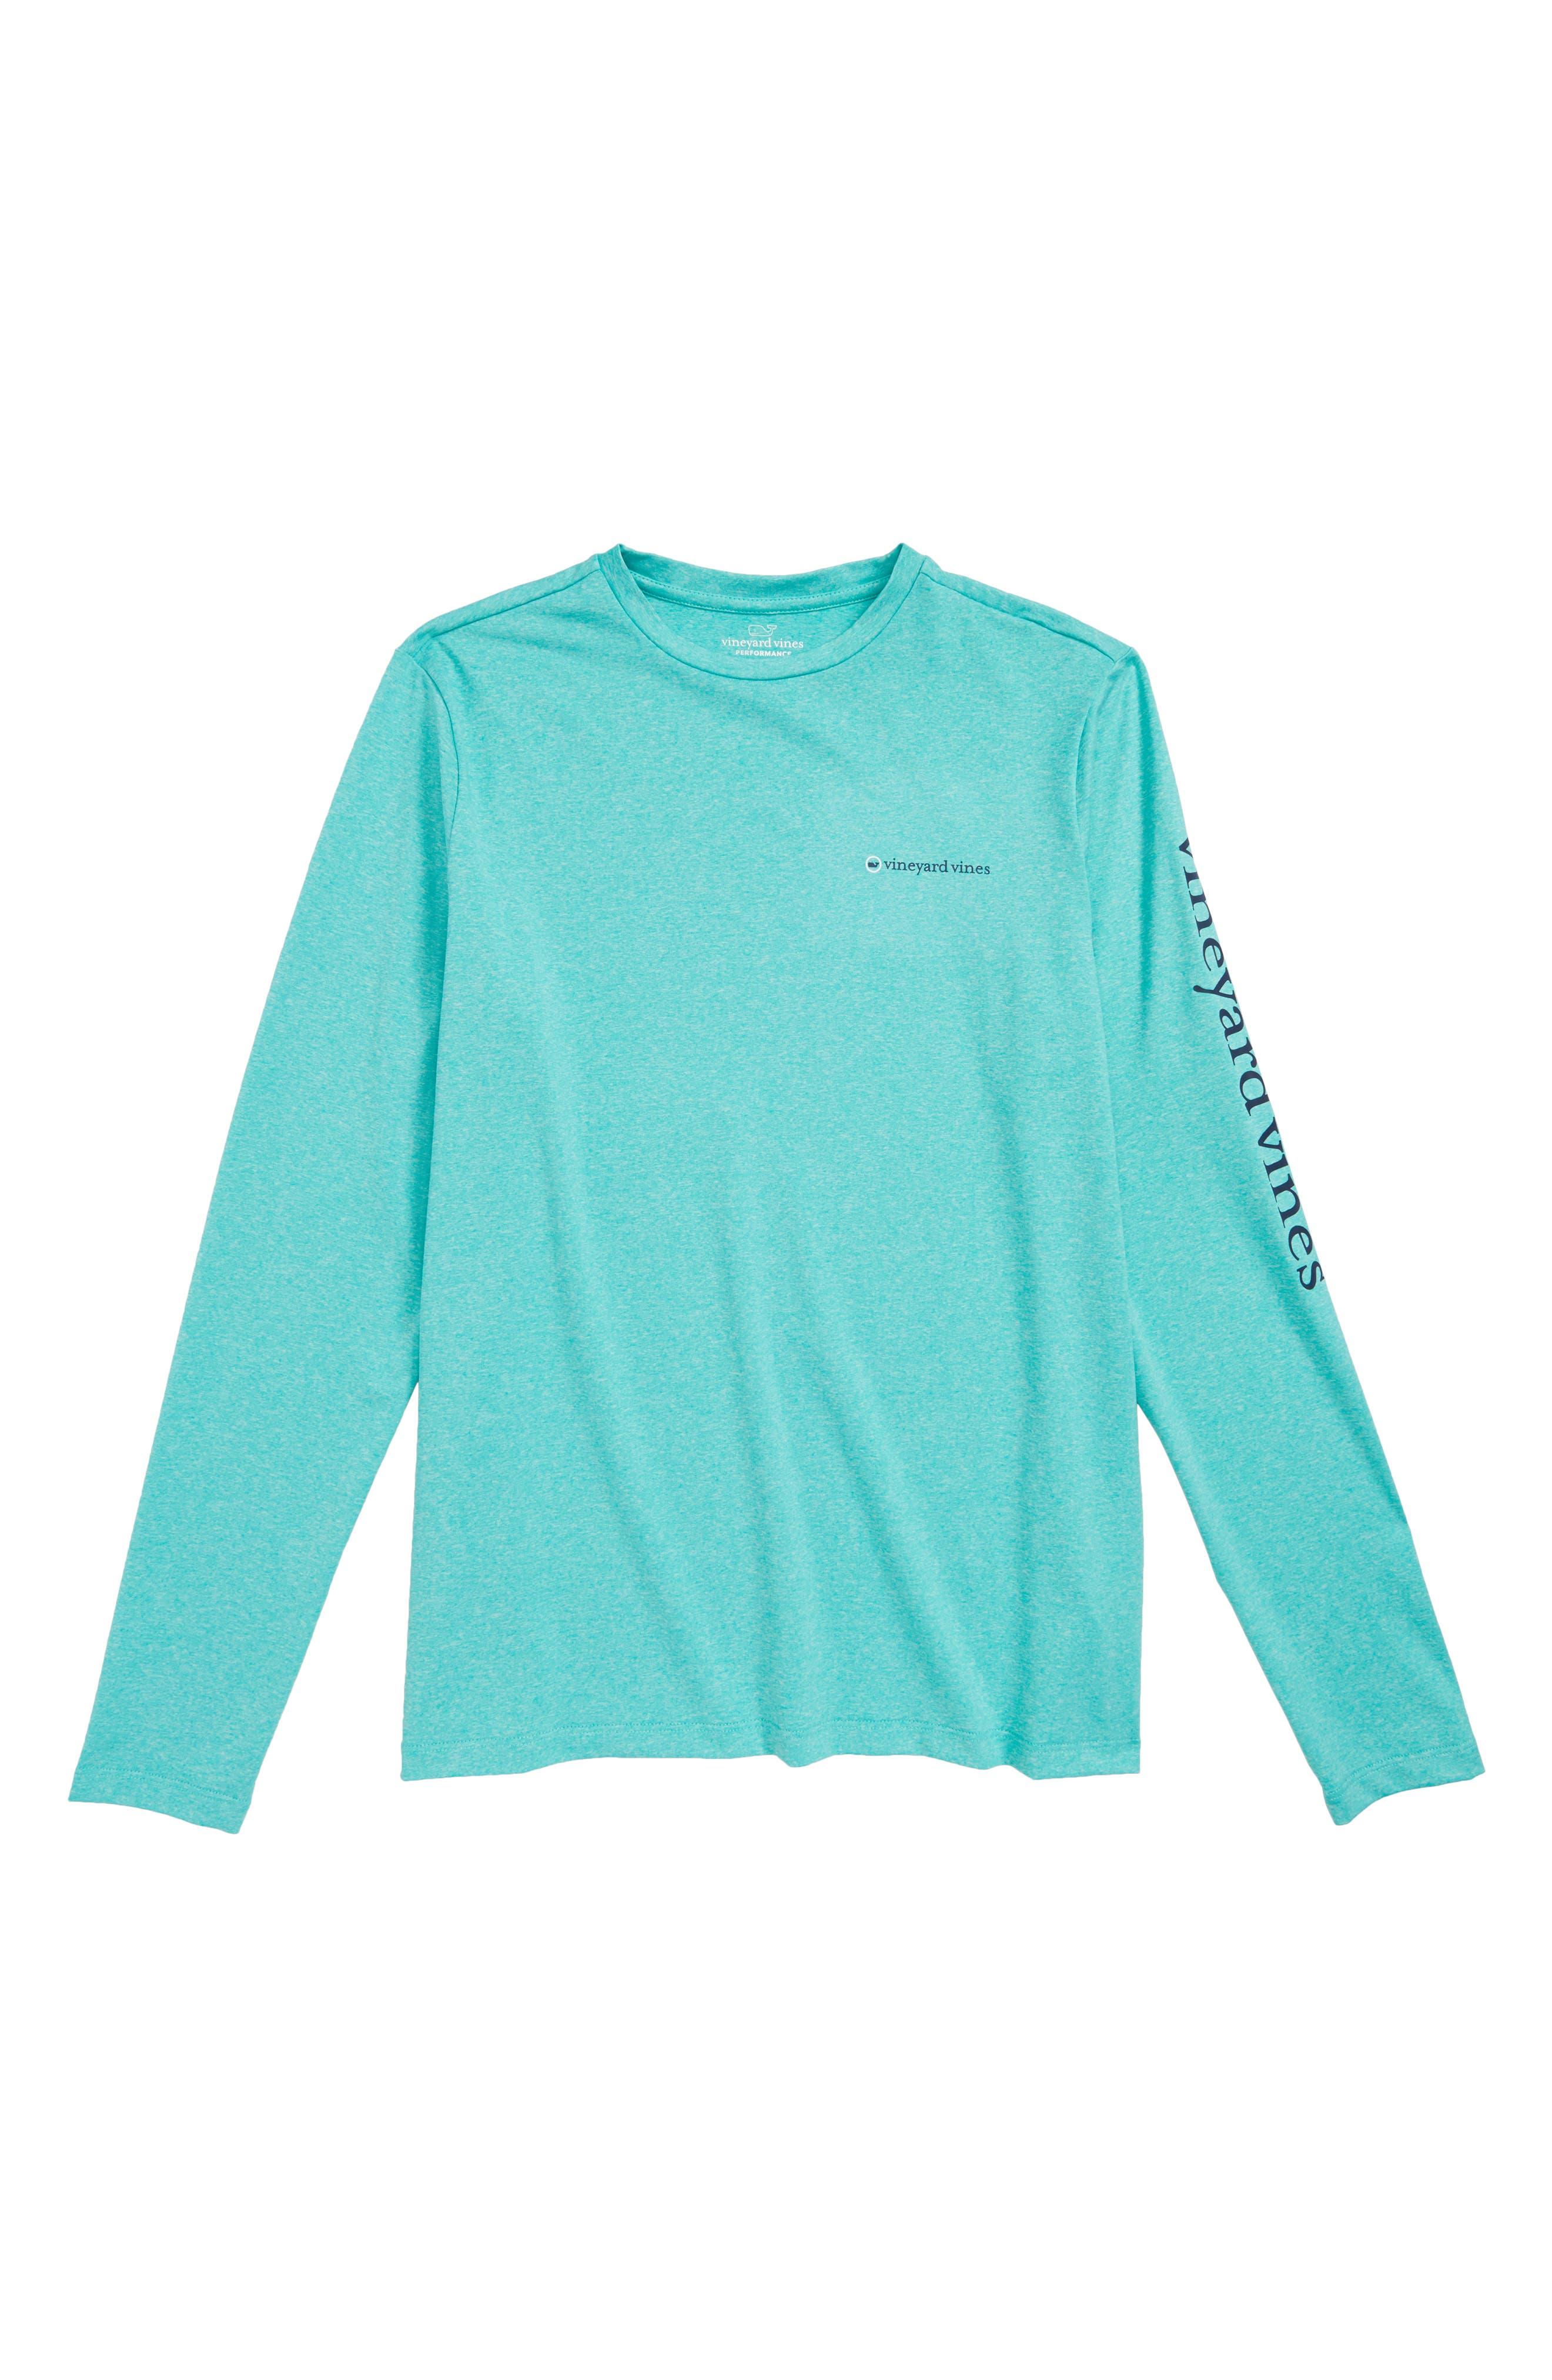 Performance Sport T-Shirt,                             Main thumbnail 1, color,                             Aquinnah Aqua